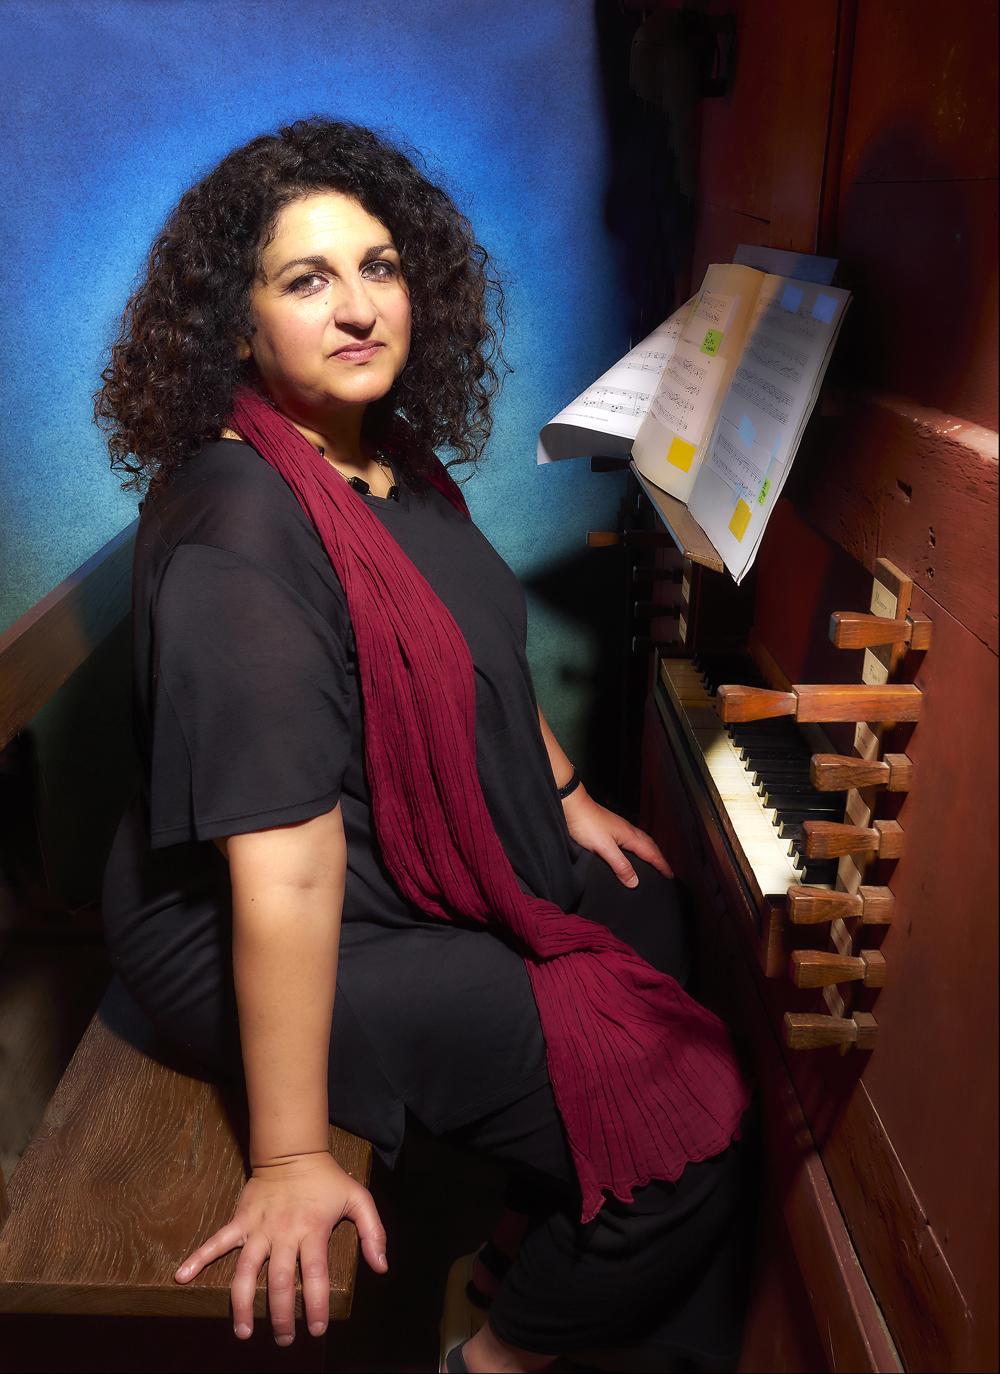 Marta Gliozzi, organiste, Quimper